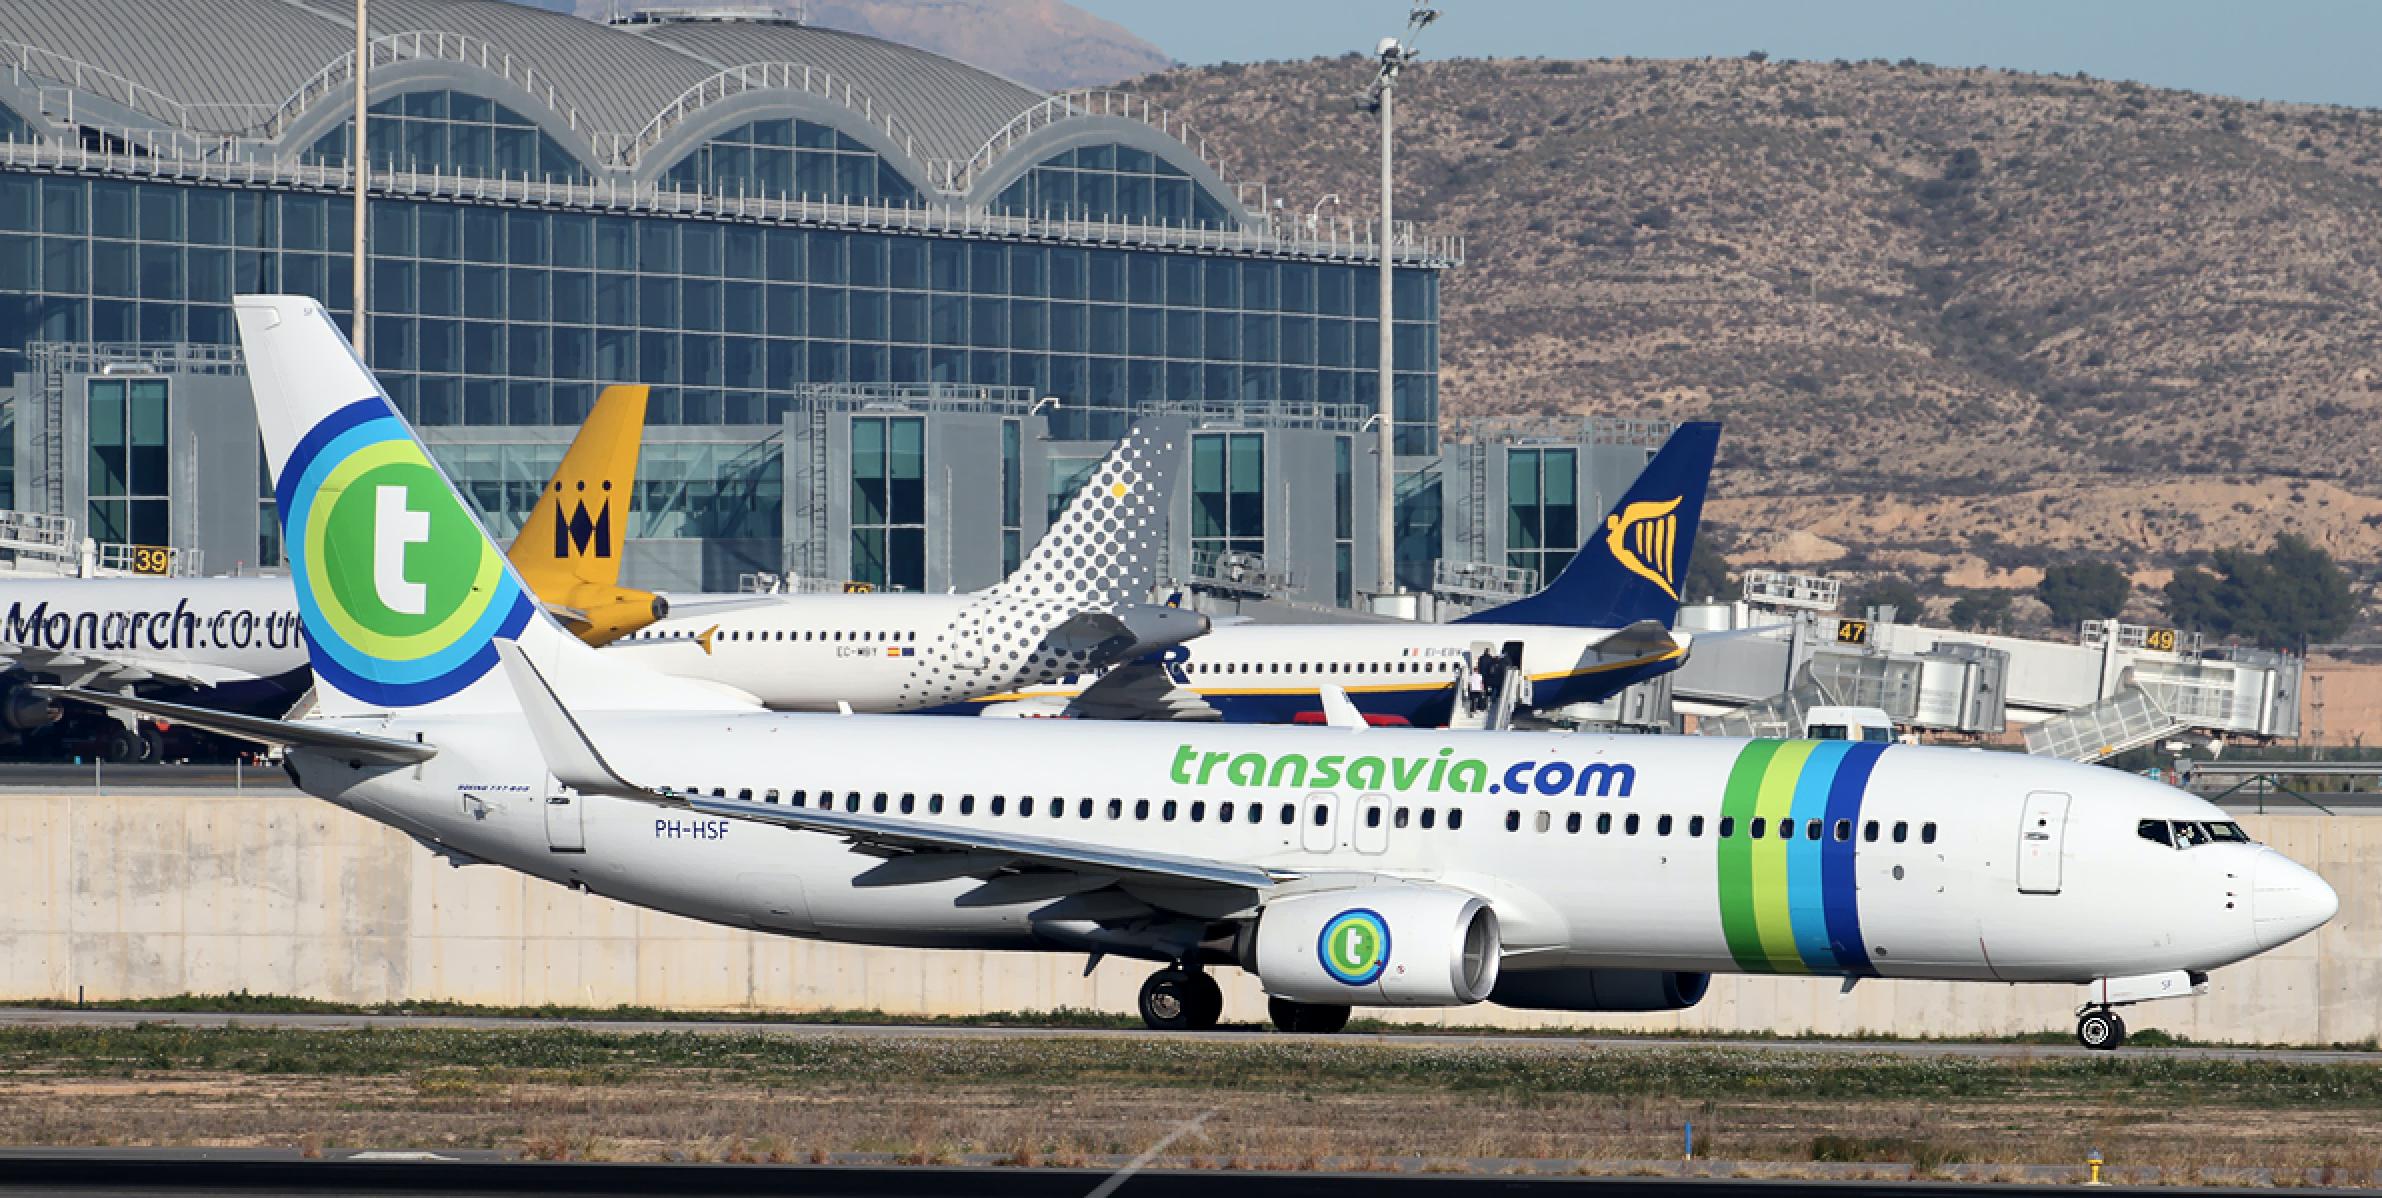 Er zijn talrijke mogelijkheden om met low-cost maatschappijen als Transavia, Ryanair, Vueling, Easyjet etc vanuit Nederland naar de Costa Blanca af te reizen in iets meer dan 2 uur vliegtijd.